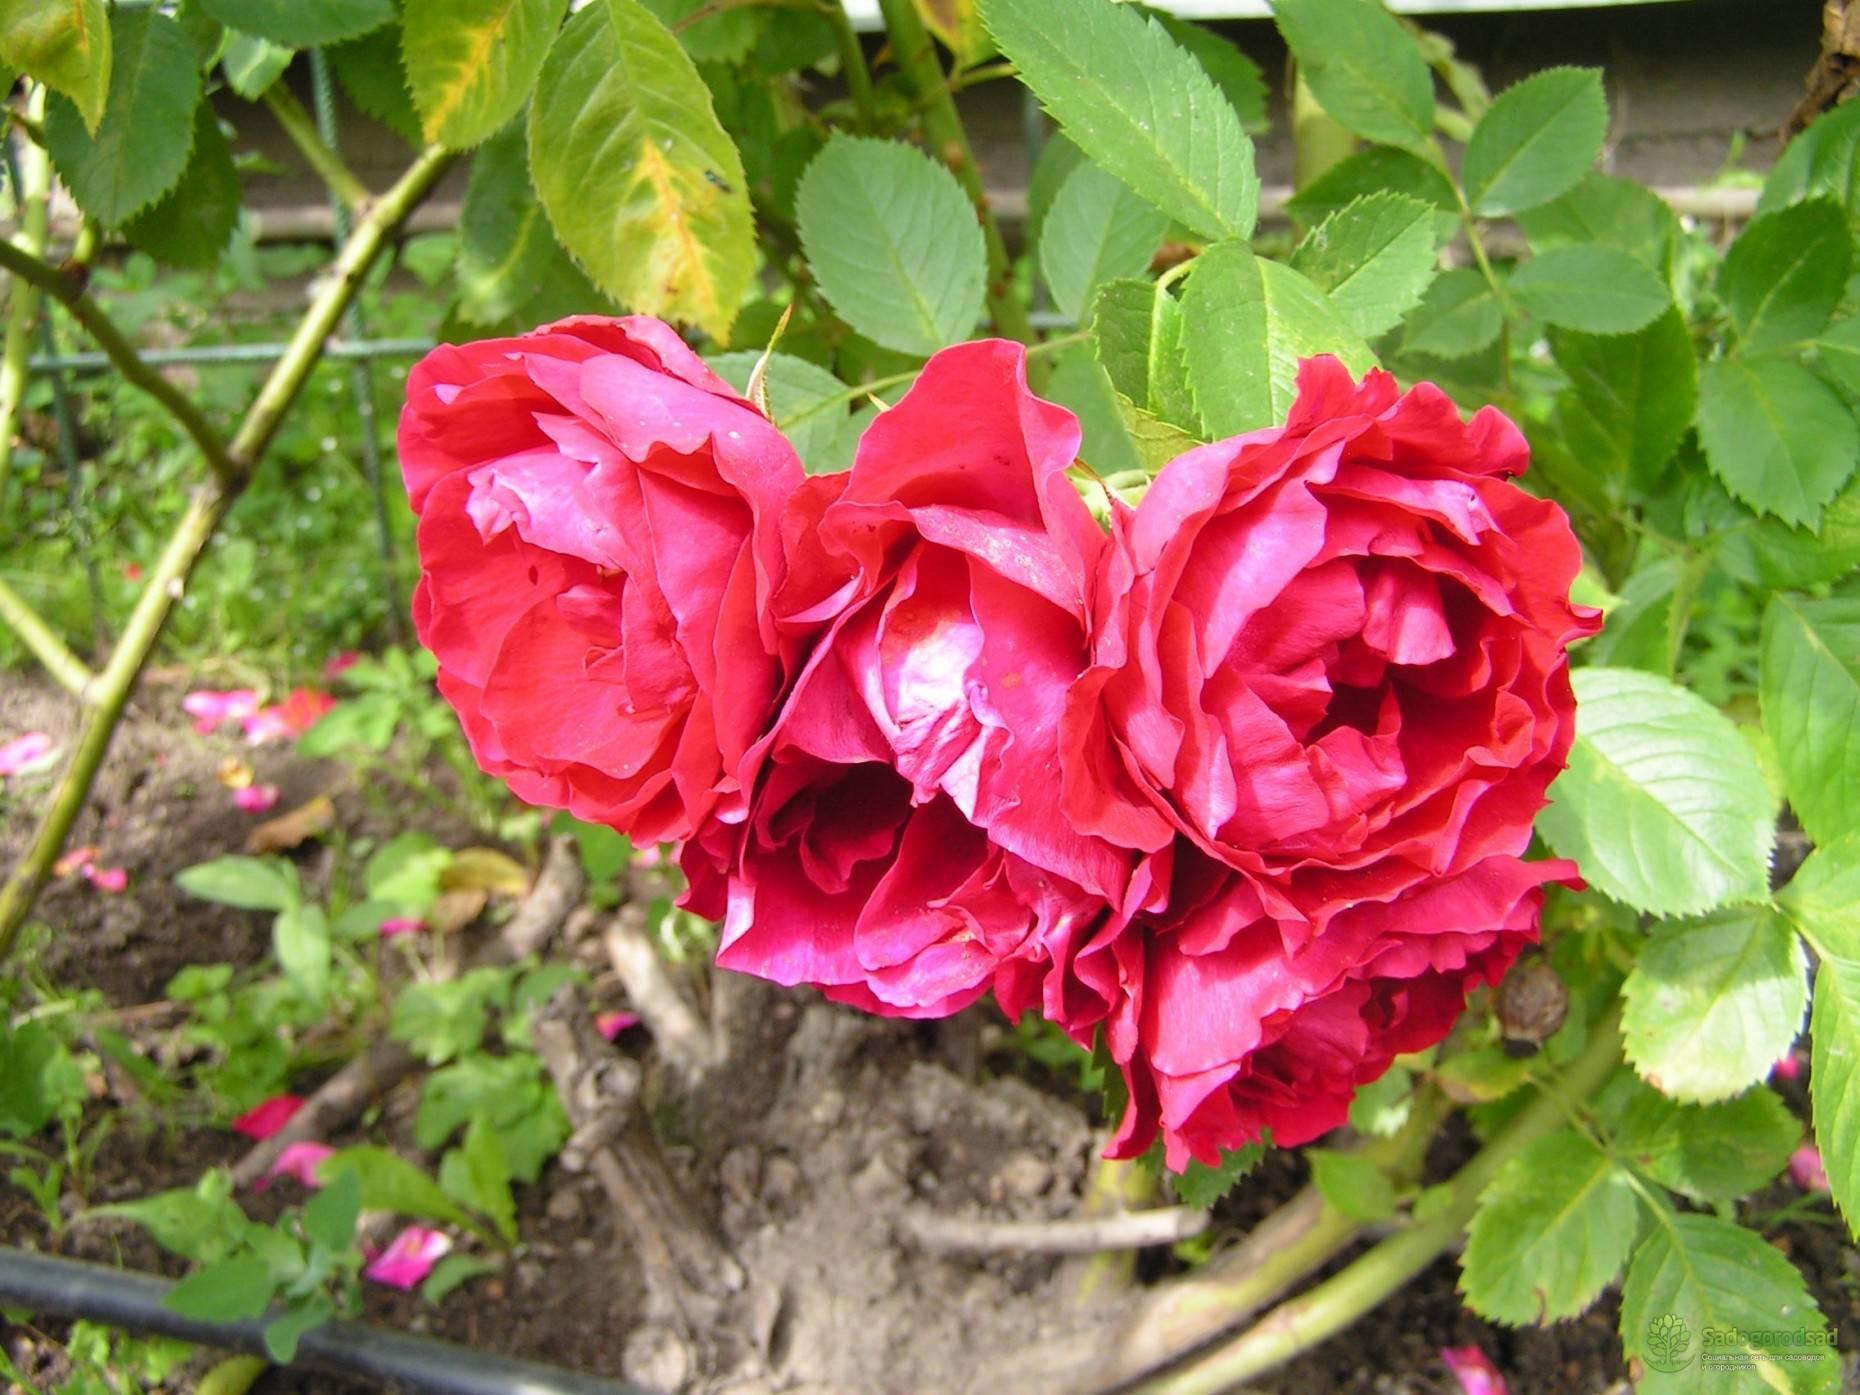 Роза фламентанц (flammentanz) — посадка и уход, как обрезать после цветения